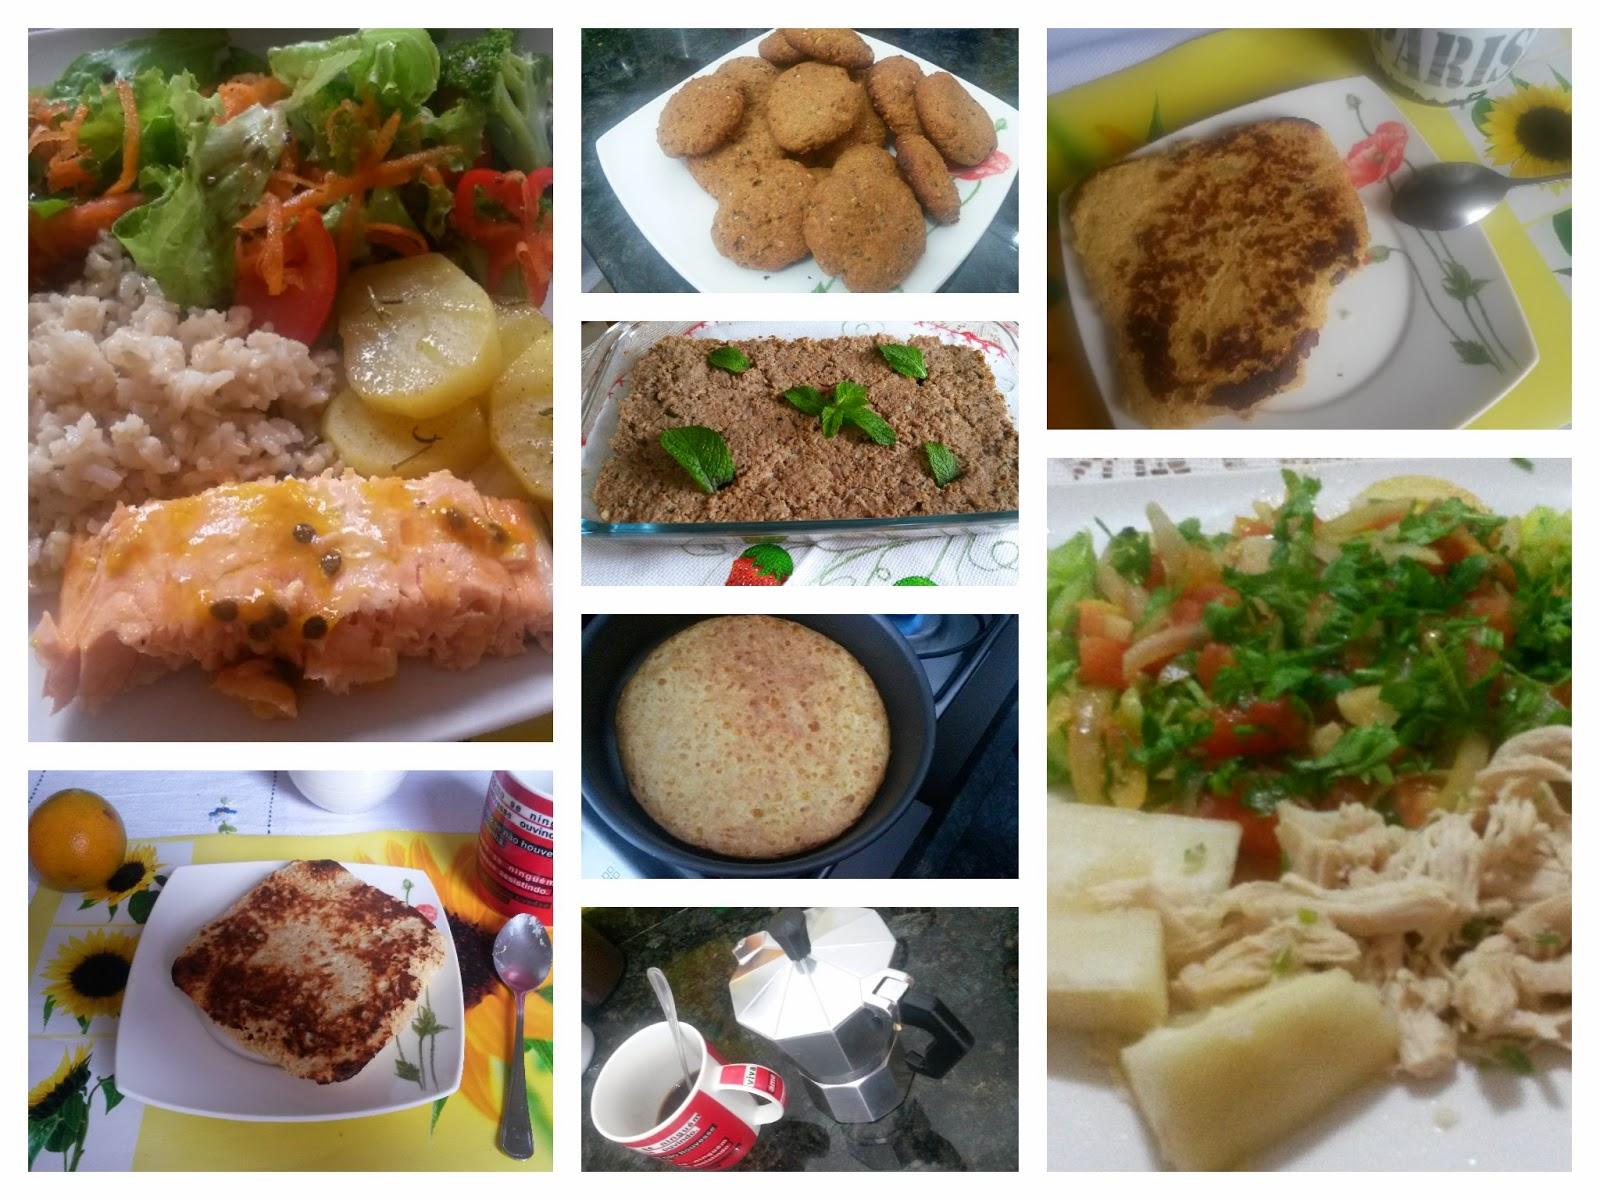 estilo de vida, life stile, alimentação, dieta, academia, estilo de vida saudável